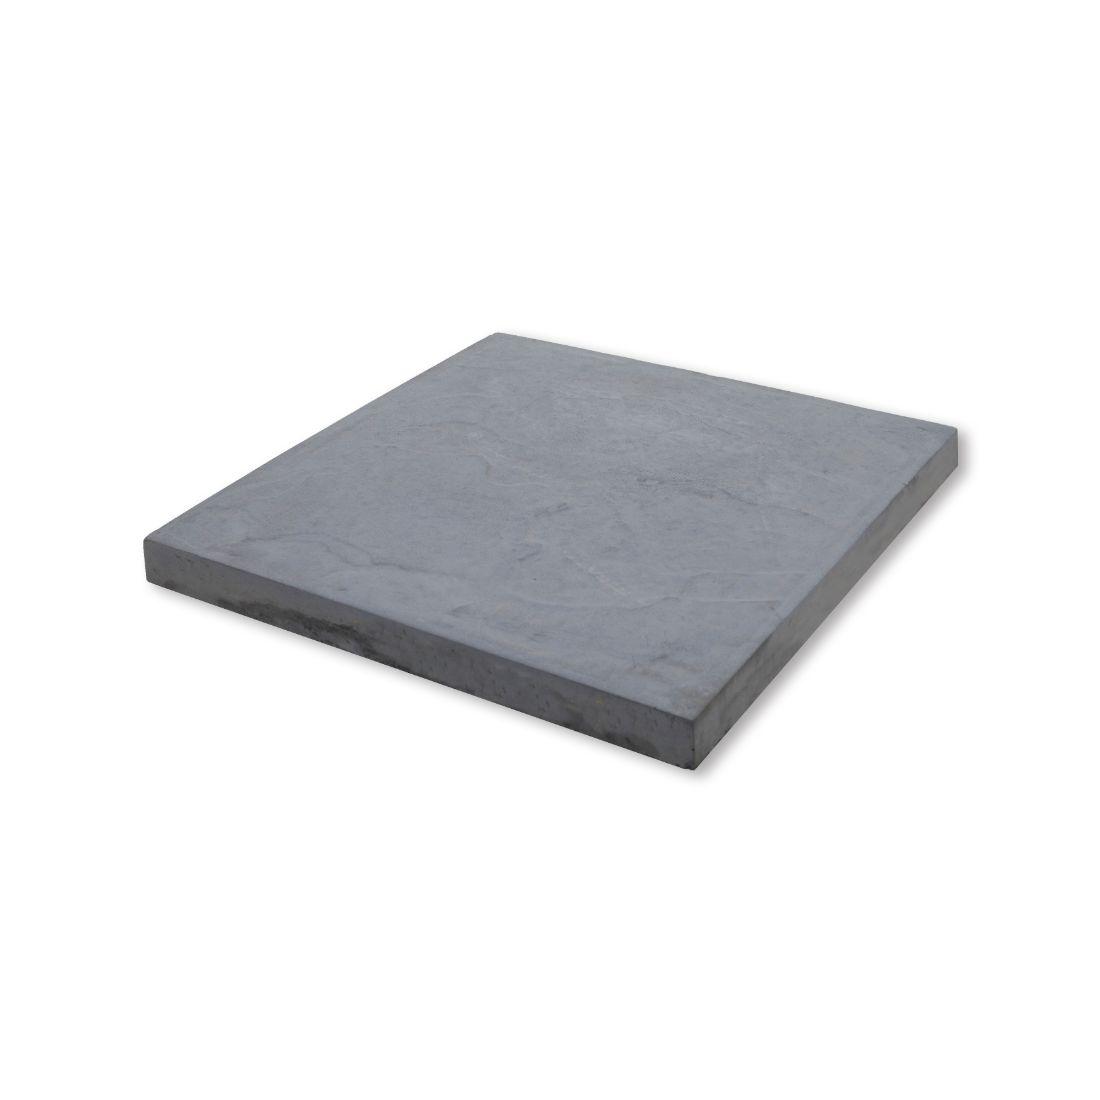 Romani Concrete Paver 450 x 450 x 37mm Grey River